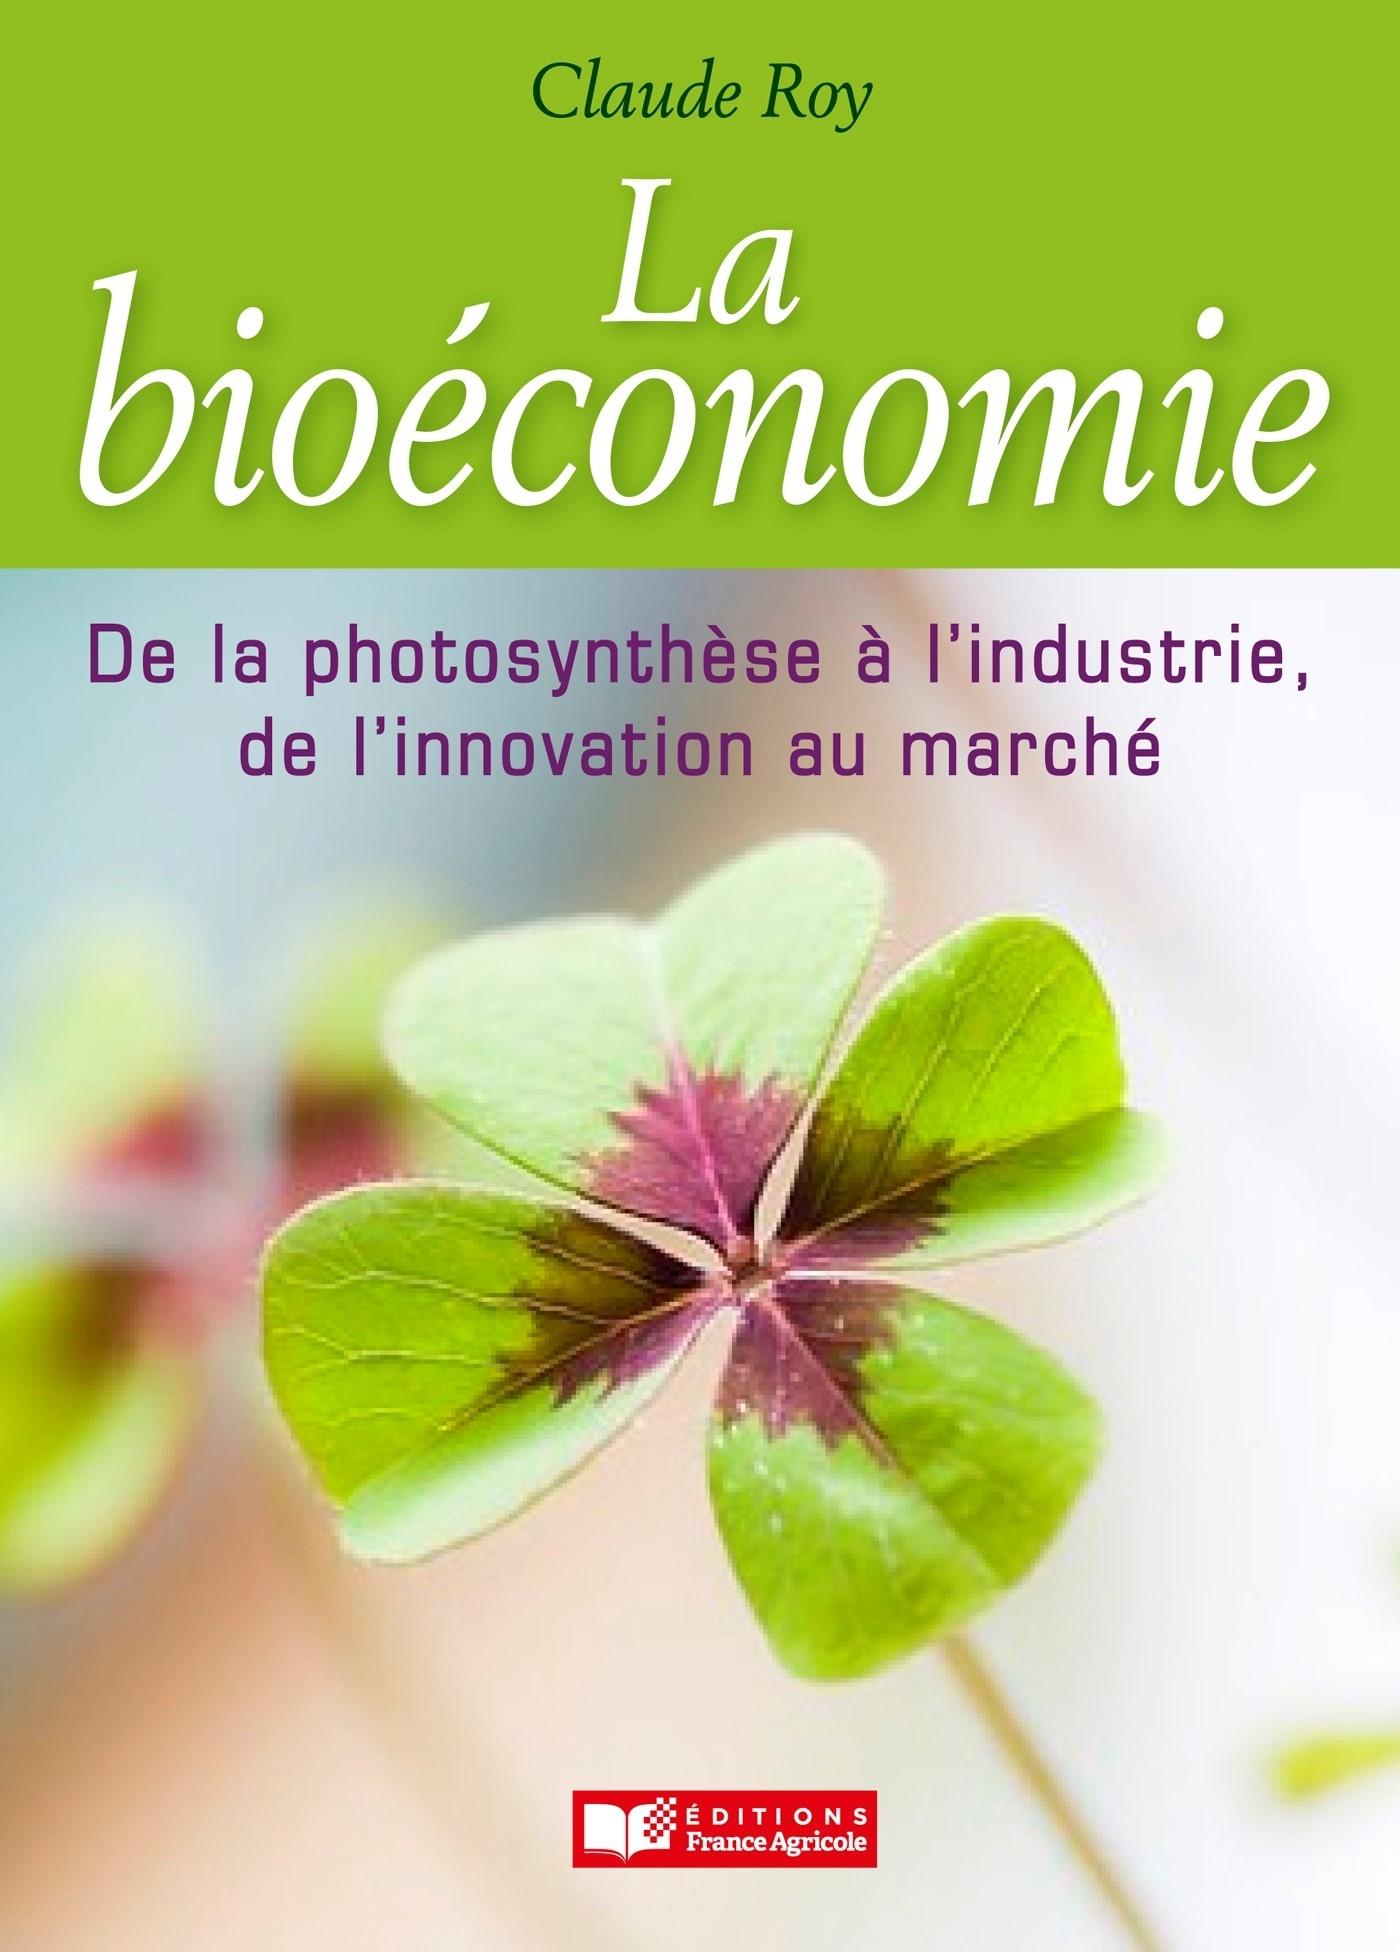 BIOECONOMIE, DE LA PHOTOSYNTHESE A L'INDUSTRIE, DE L'INNOVATION AU MARCHE